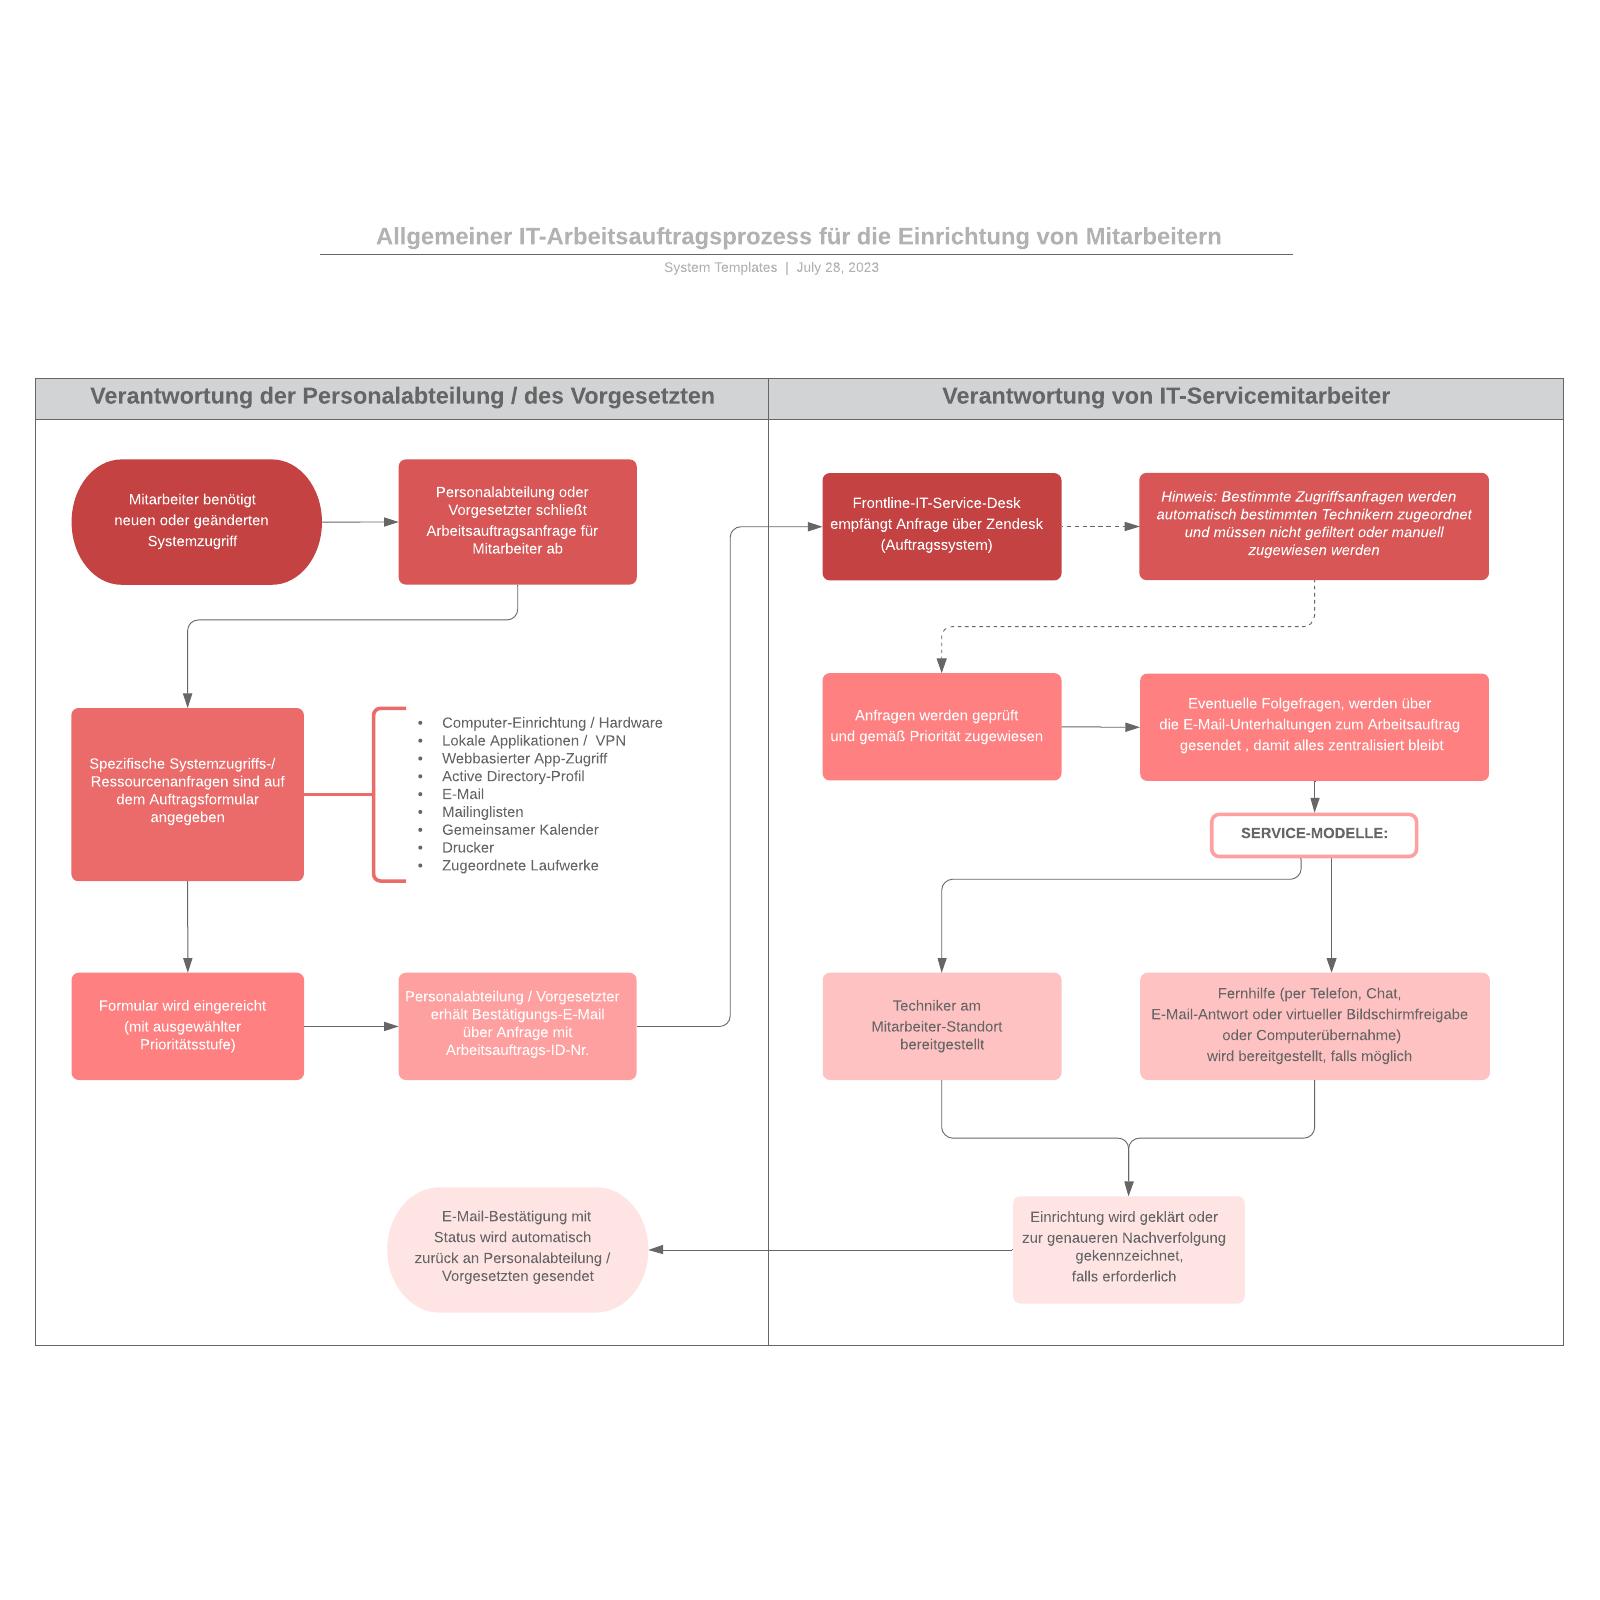 IT-Arbeitsauftragsprozess - Beispiel